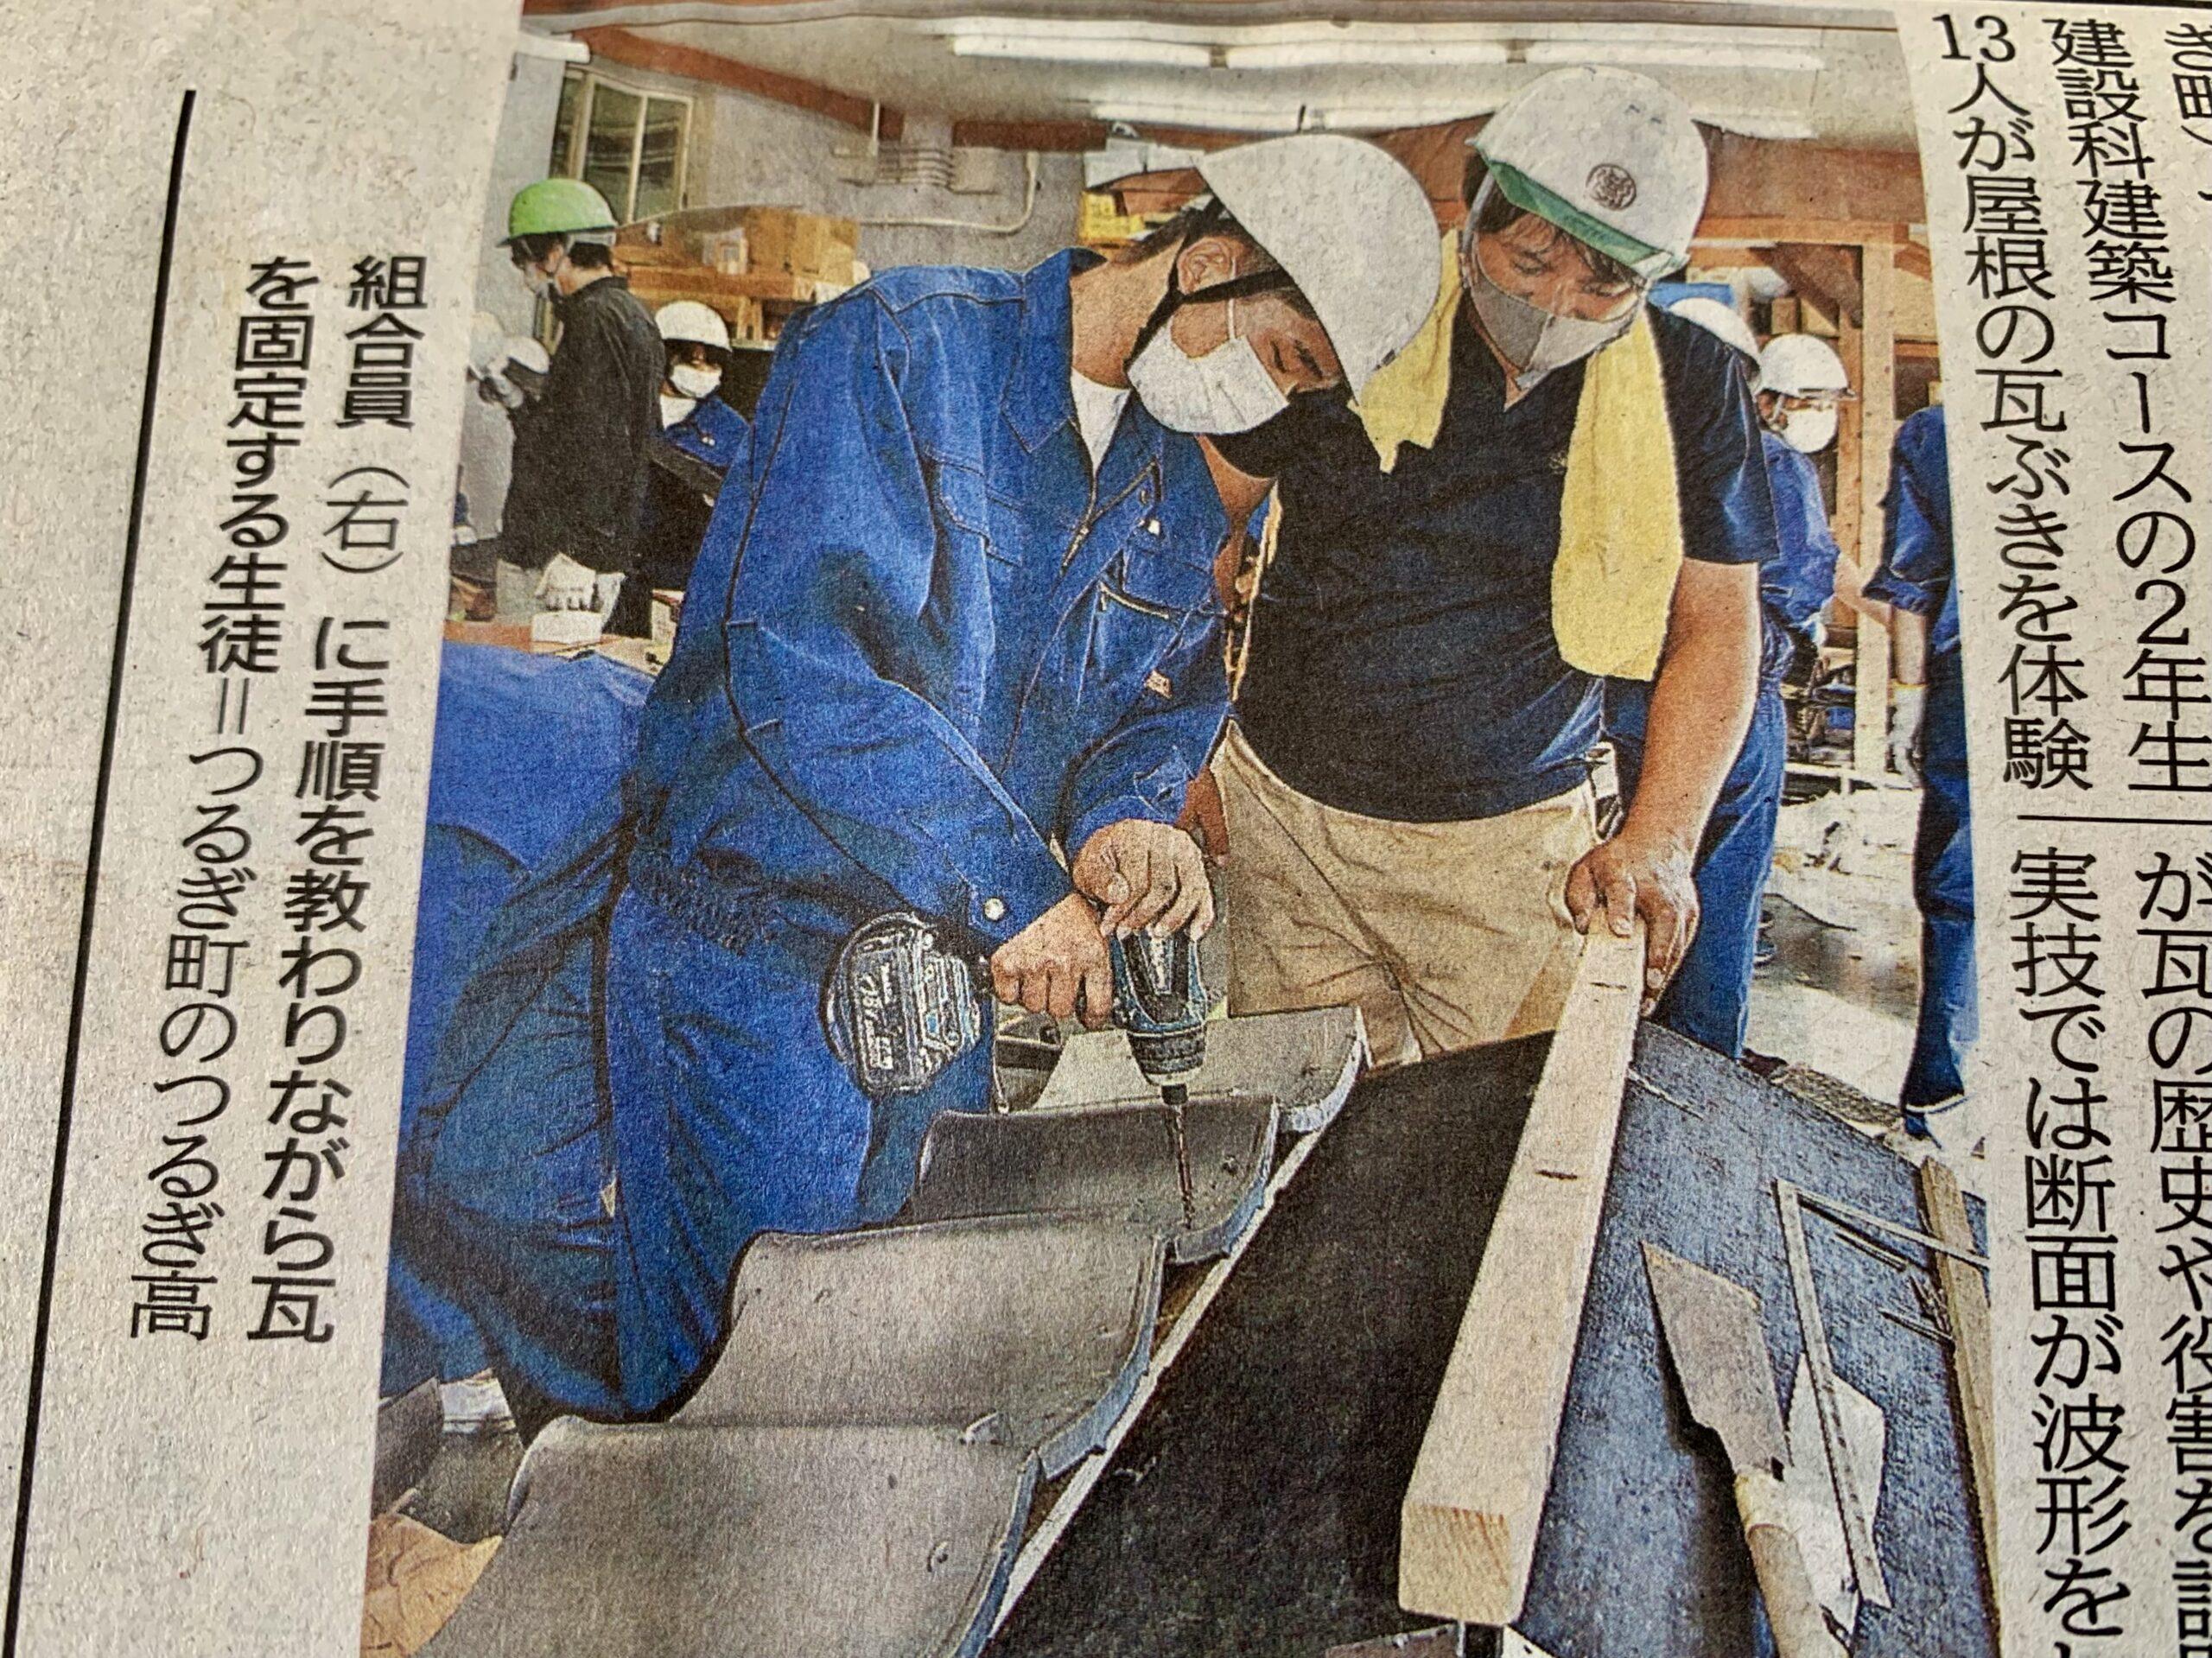 徳島新聞に掲載されました。